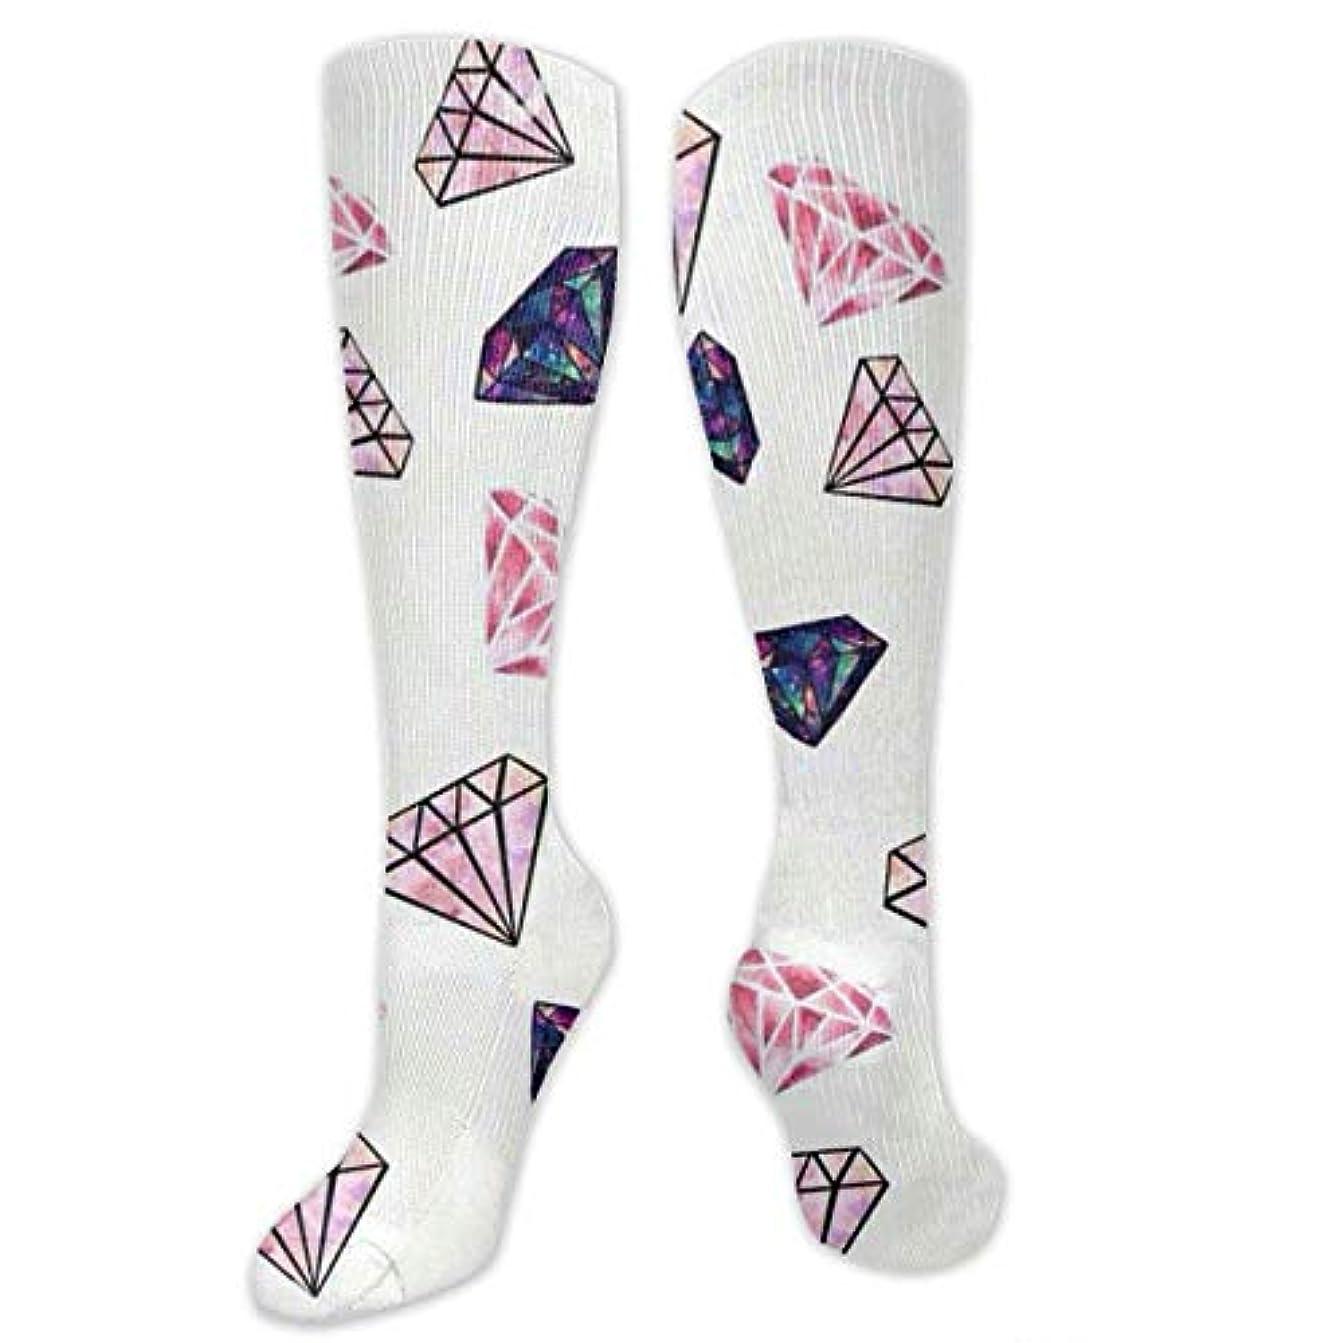 崇拝する富不良靴下,ストッキング,野生のジョーカー,実際,秋の本質,冬必須,サマーウェア&RBXAA Sparkle Brick Socks Women's Winter Cotton Long Tube Socks Cotton Solid...